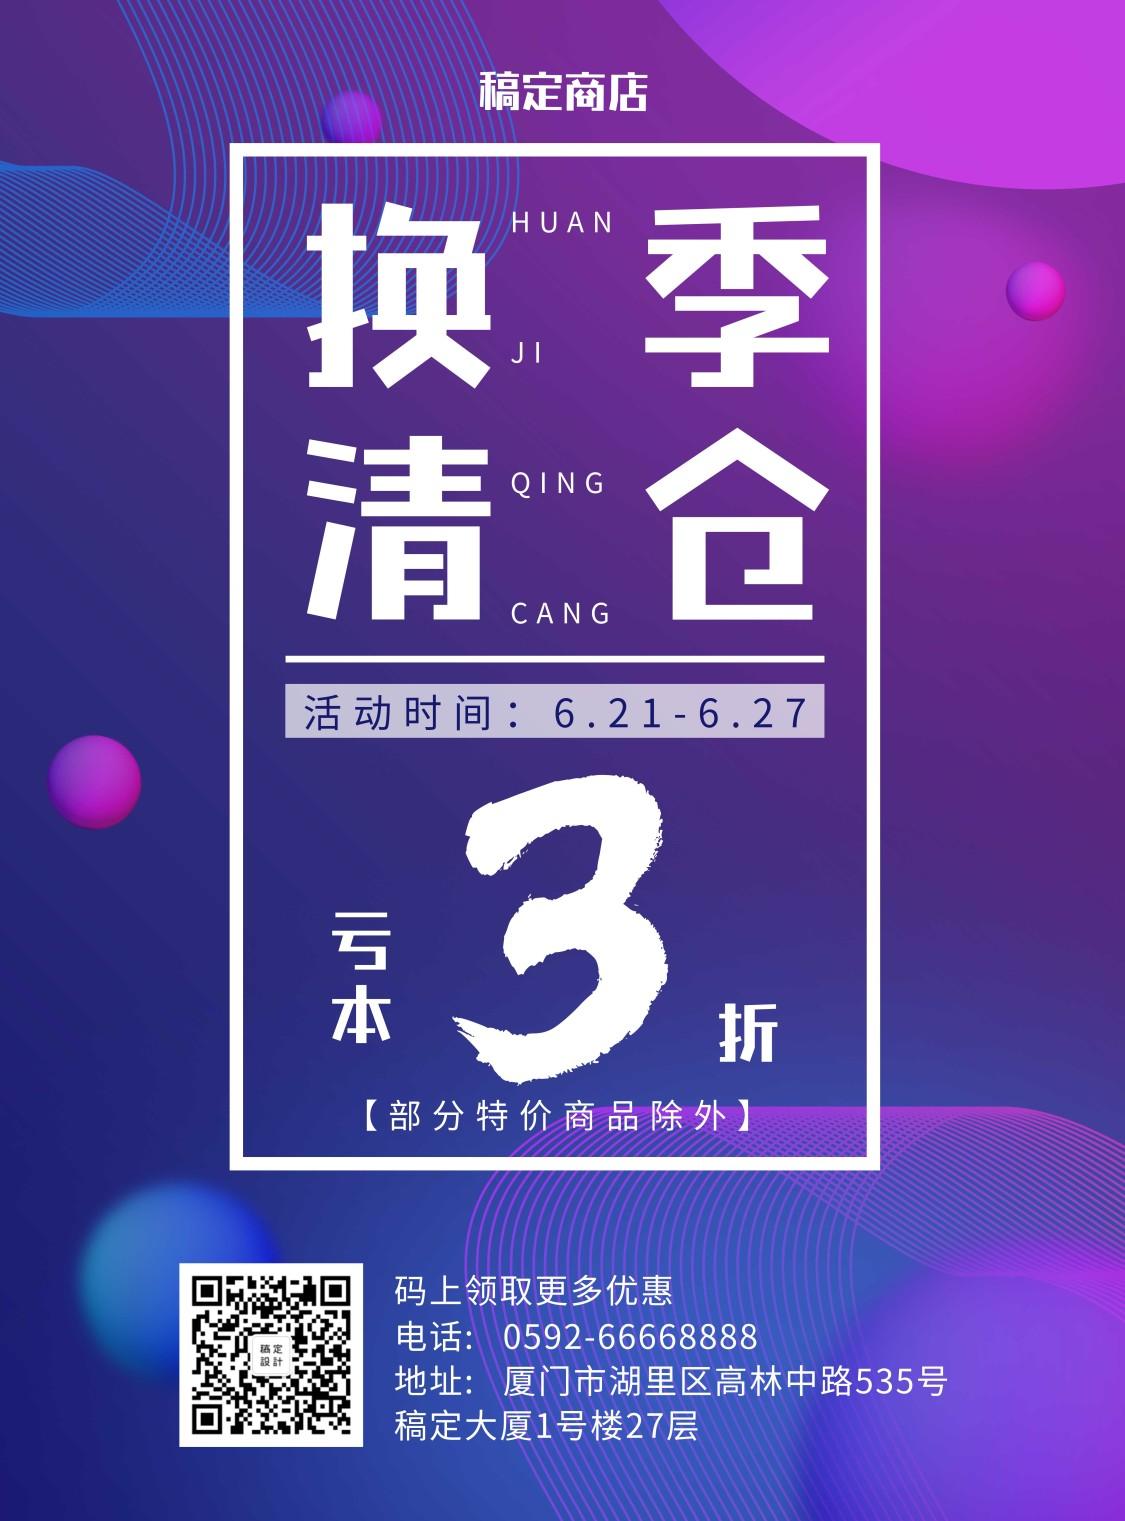 换季清仓/时尚简约/促销张贴海报